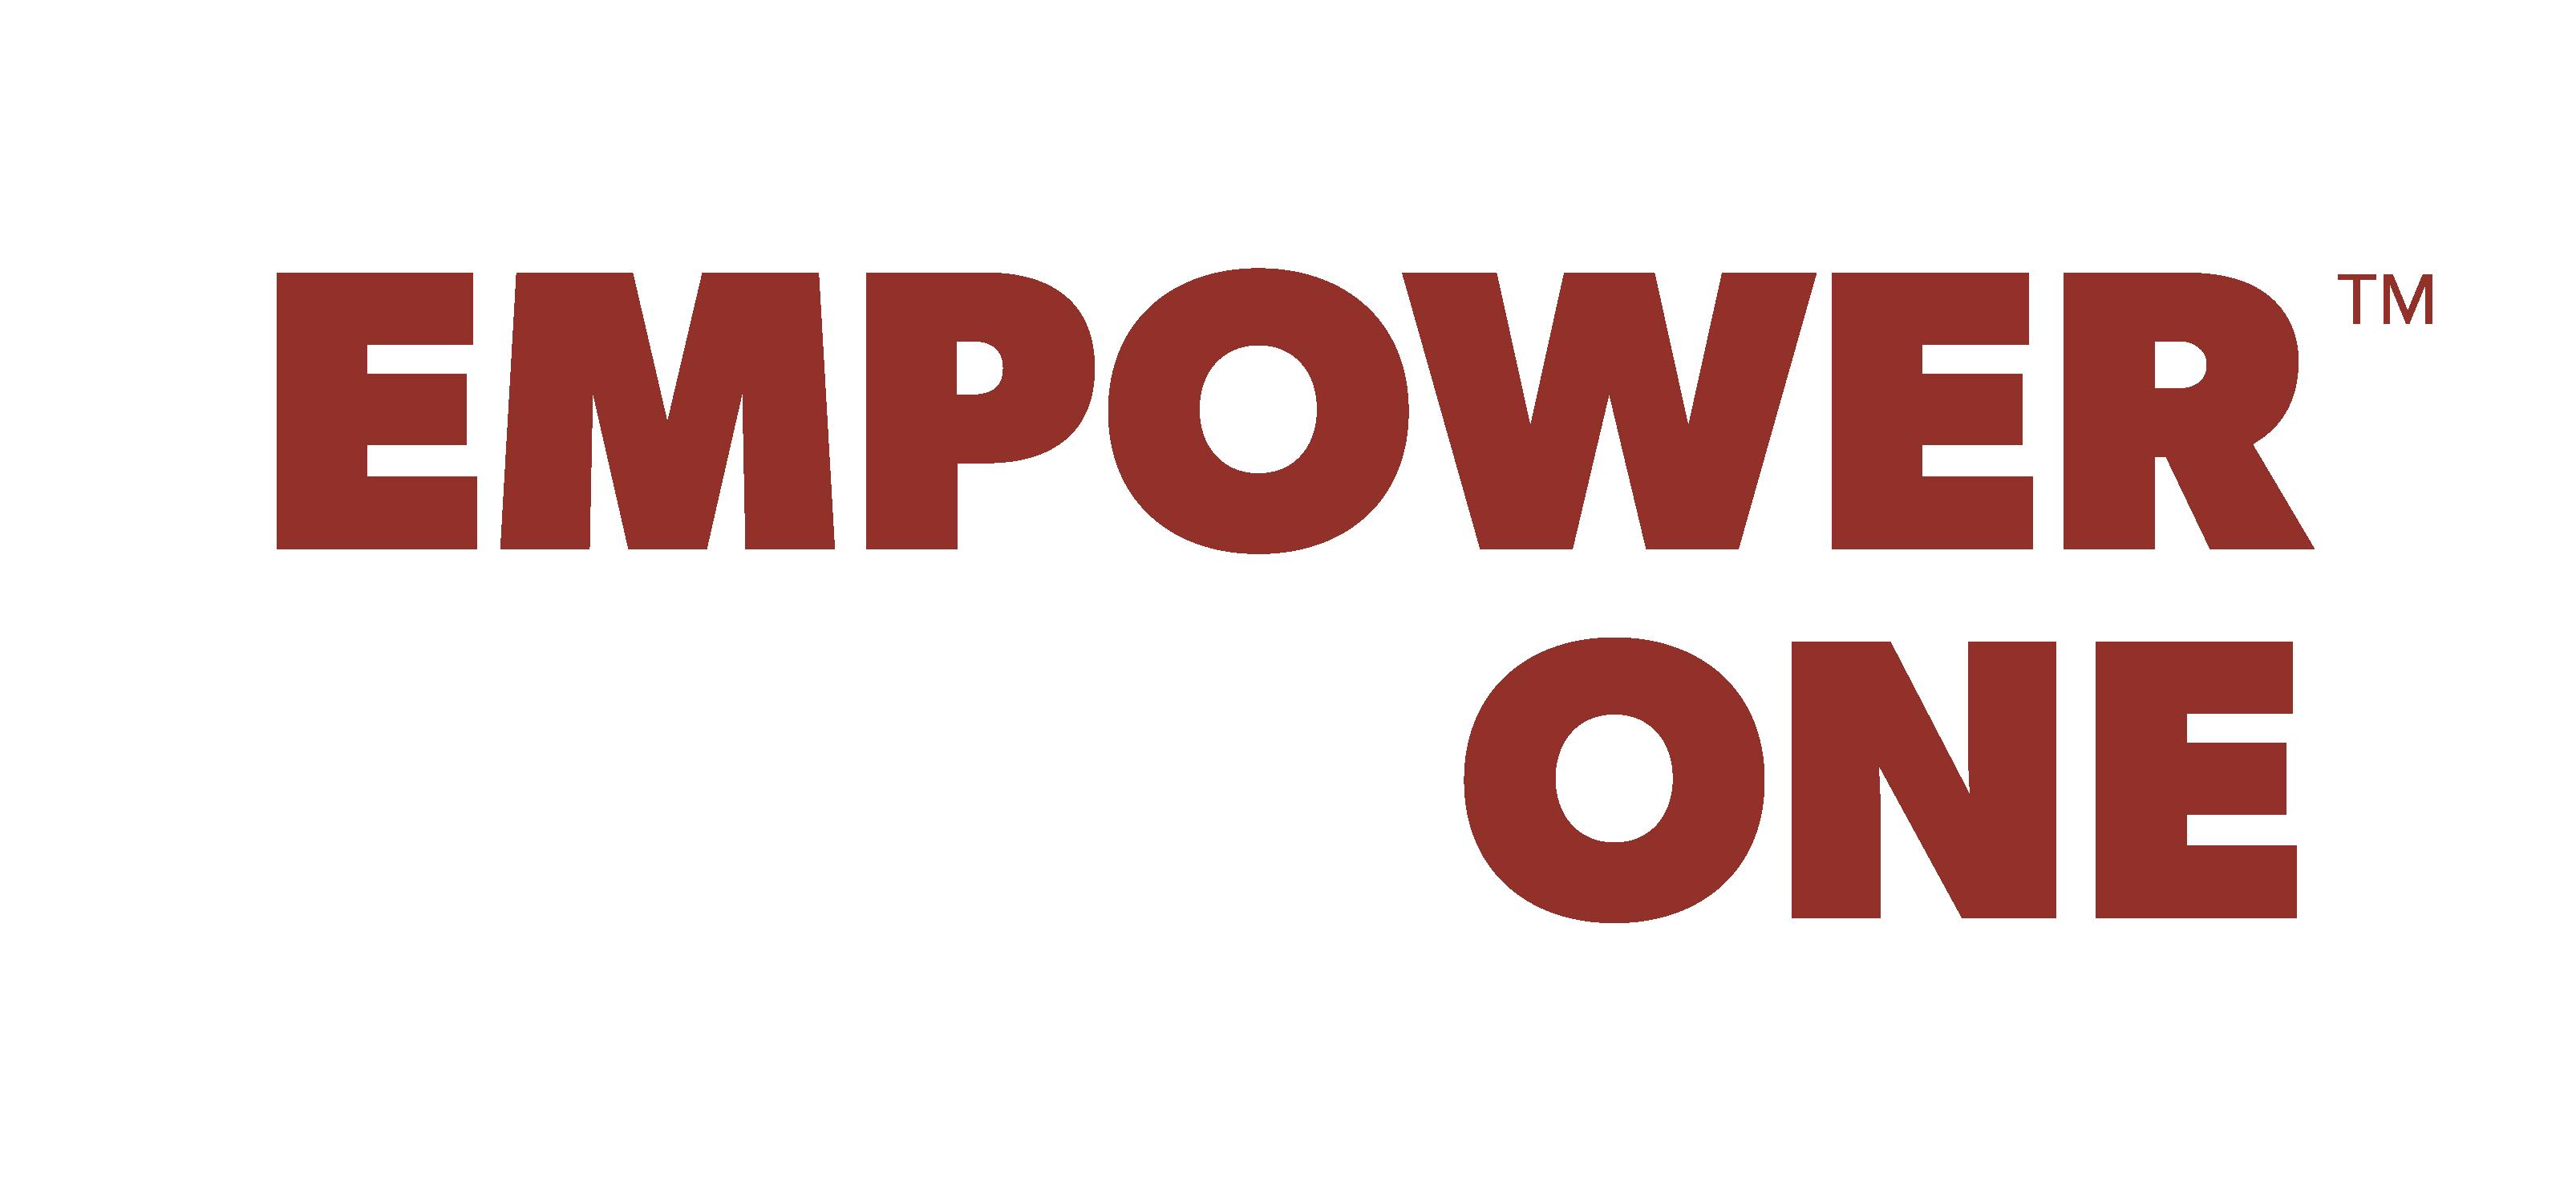 Empower One